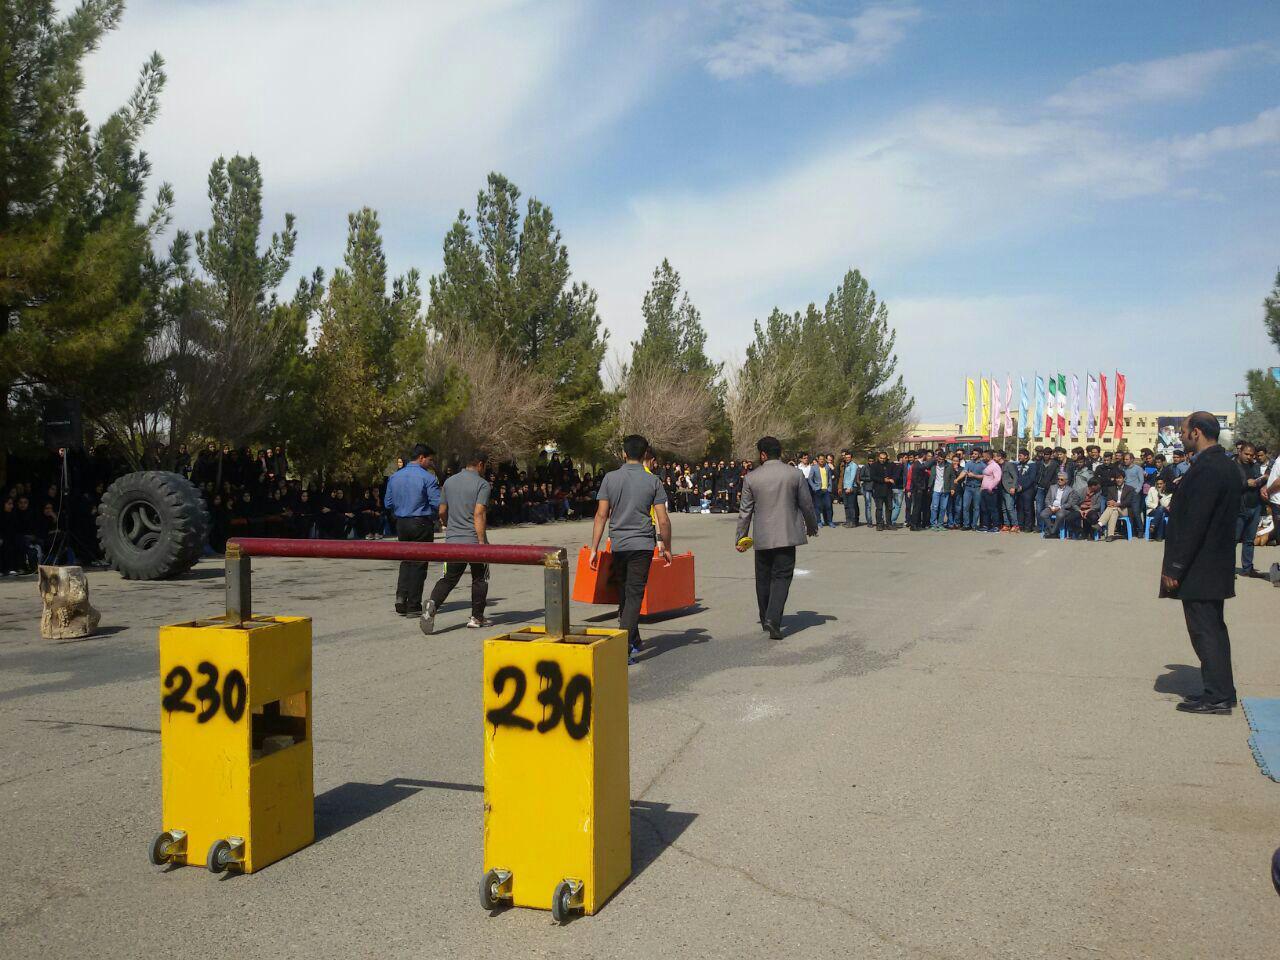 اولین دوره مسابقات قوی ترین مردان دانشگاه های رفسنجان برگزار شد/ تصاویر